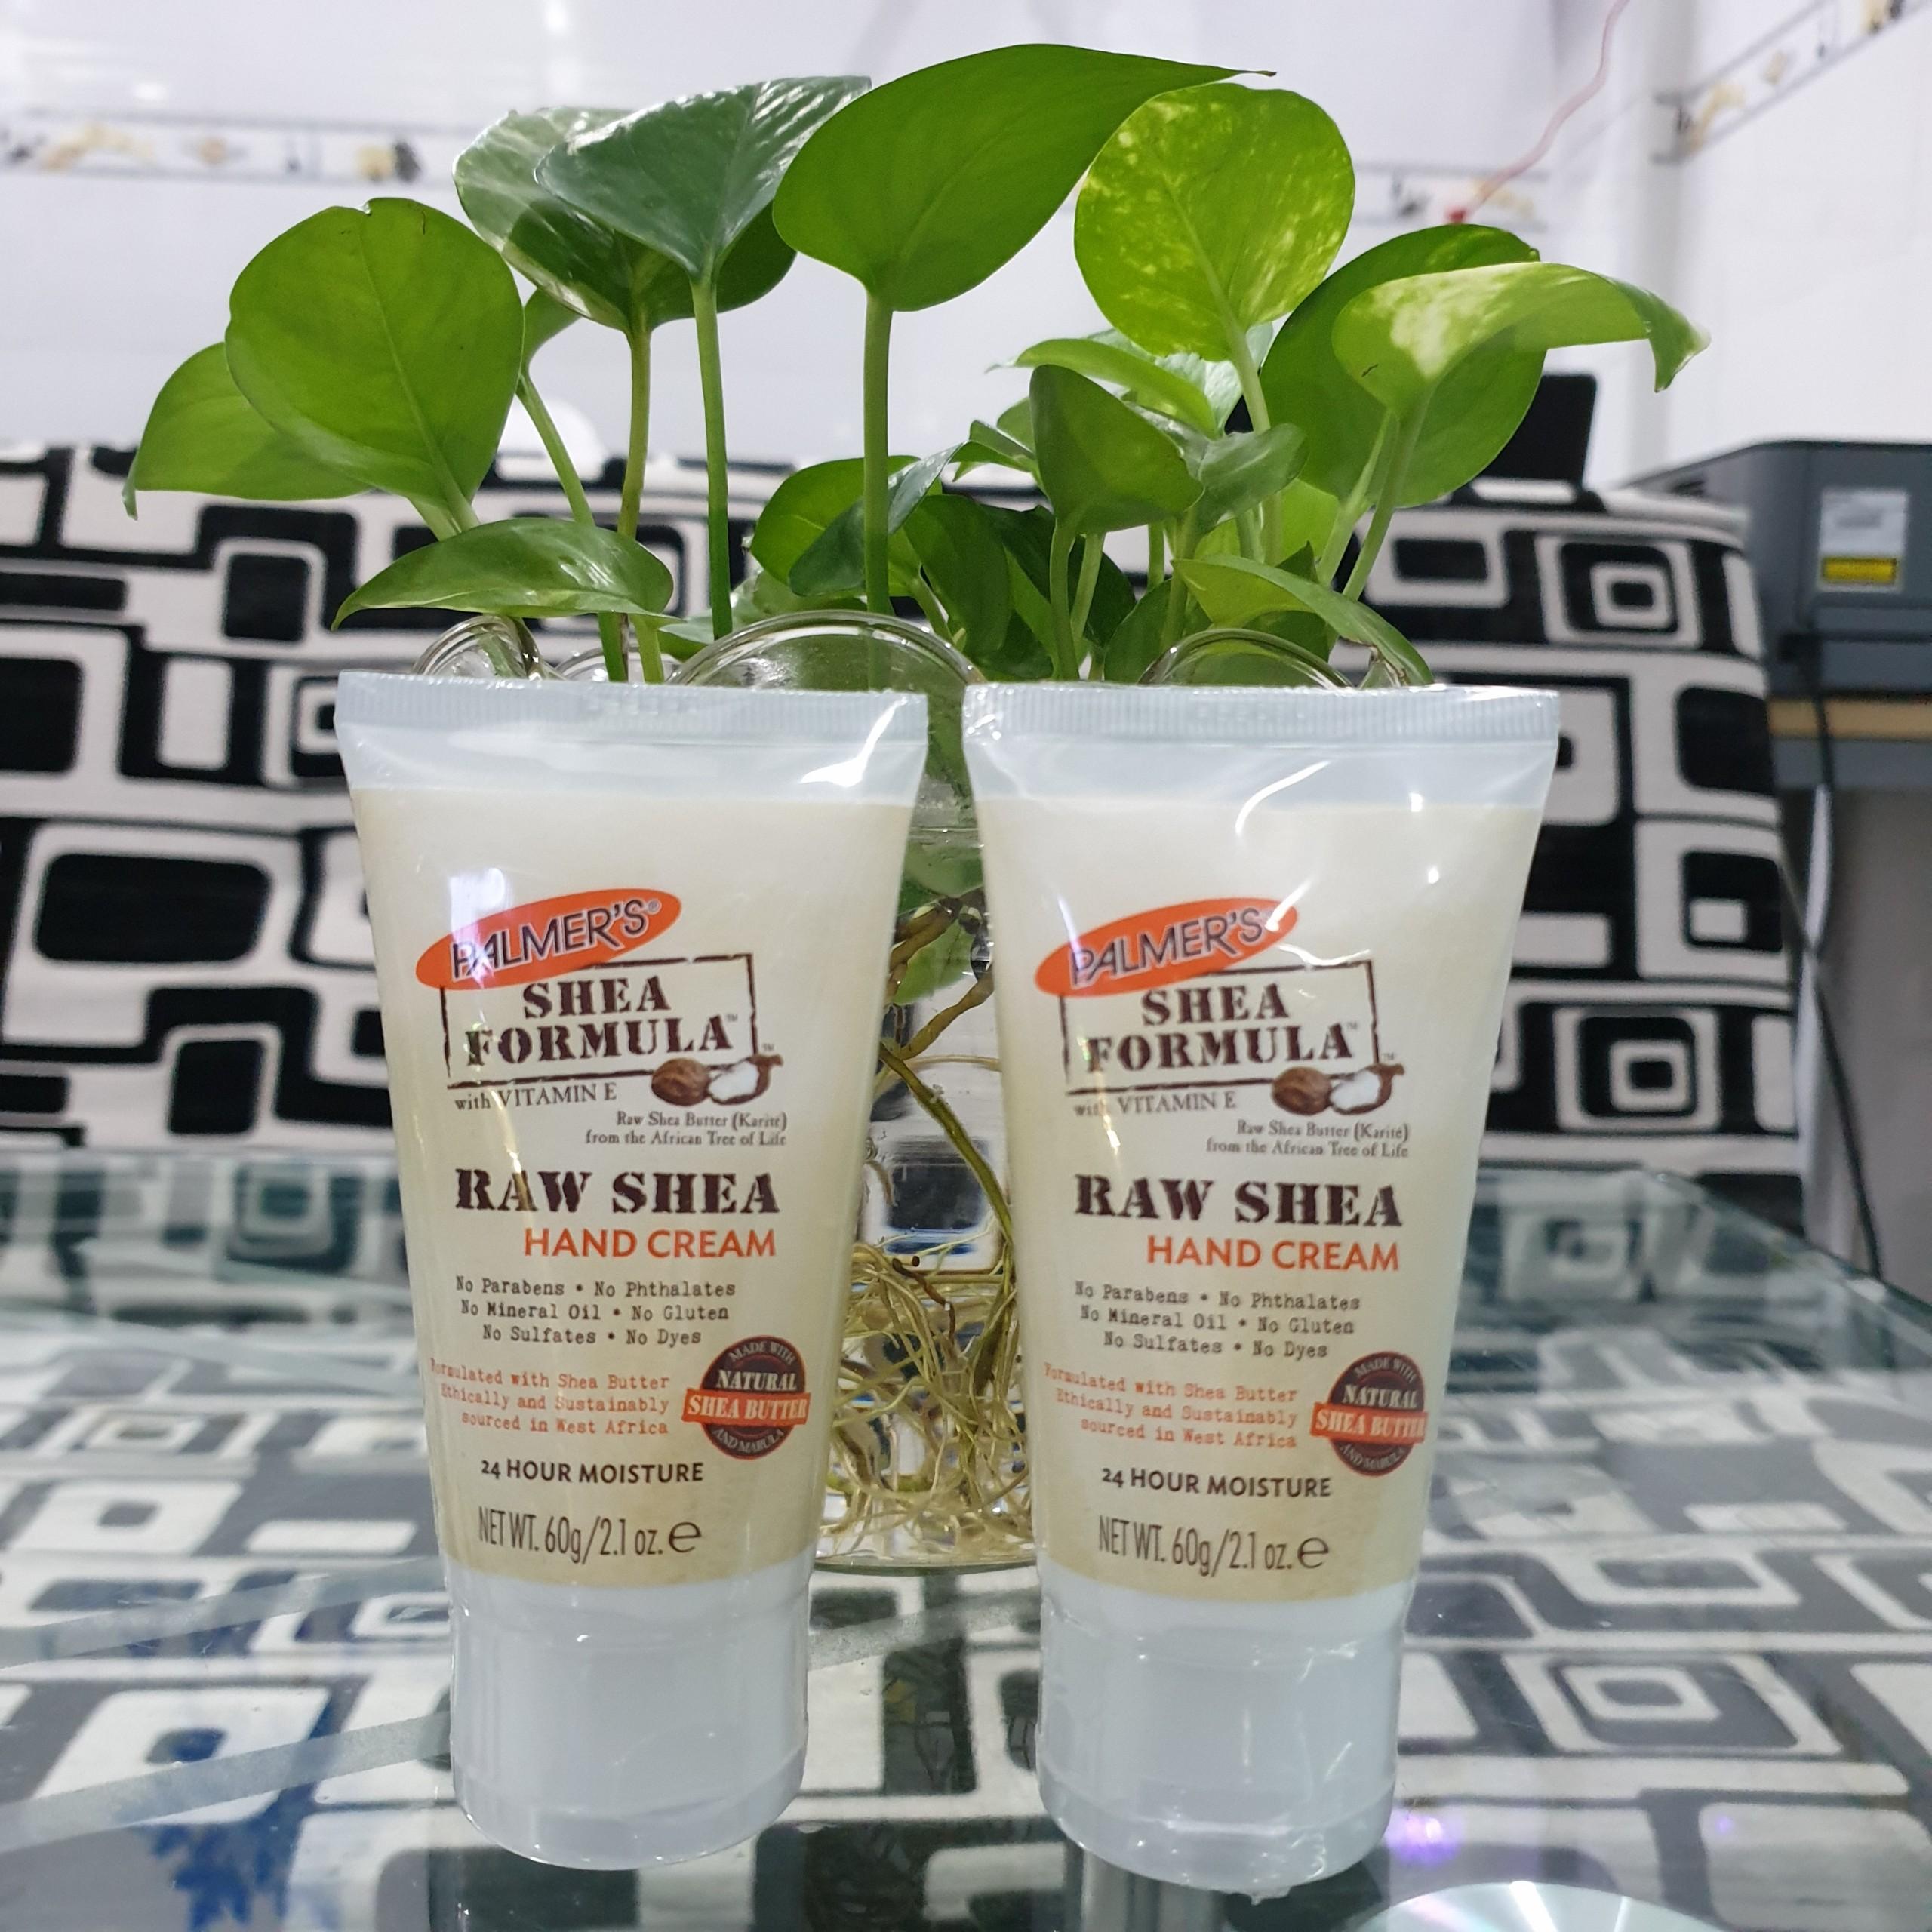 2 tuýp kem dưỡng da tay giữ ẩm Bơ hạt mỡ Palmer's Shea Formula 60g + tặng Dầu gội dừa Palmer's 50ml